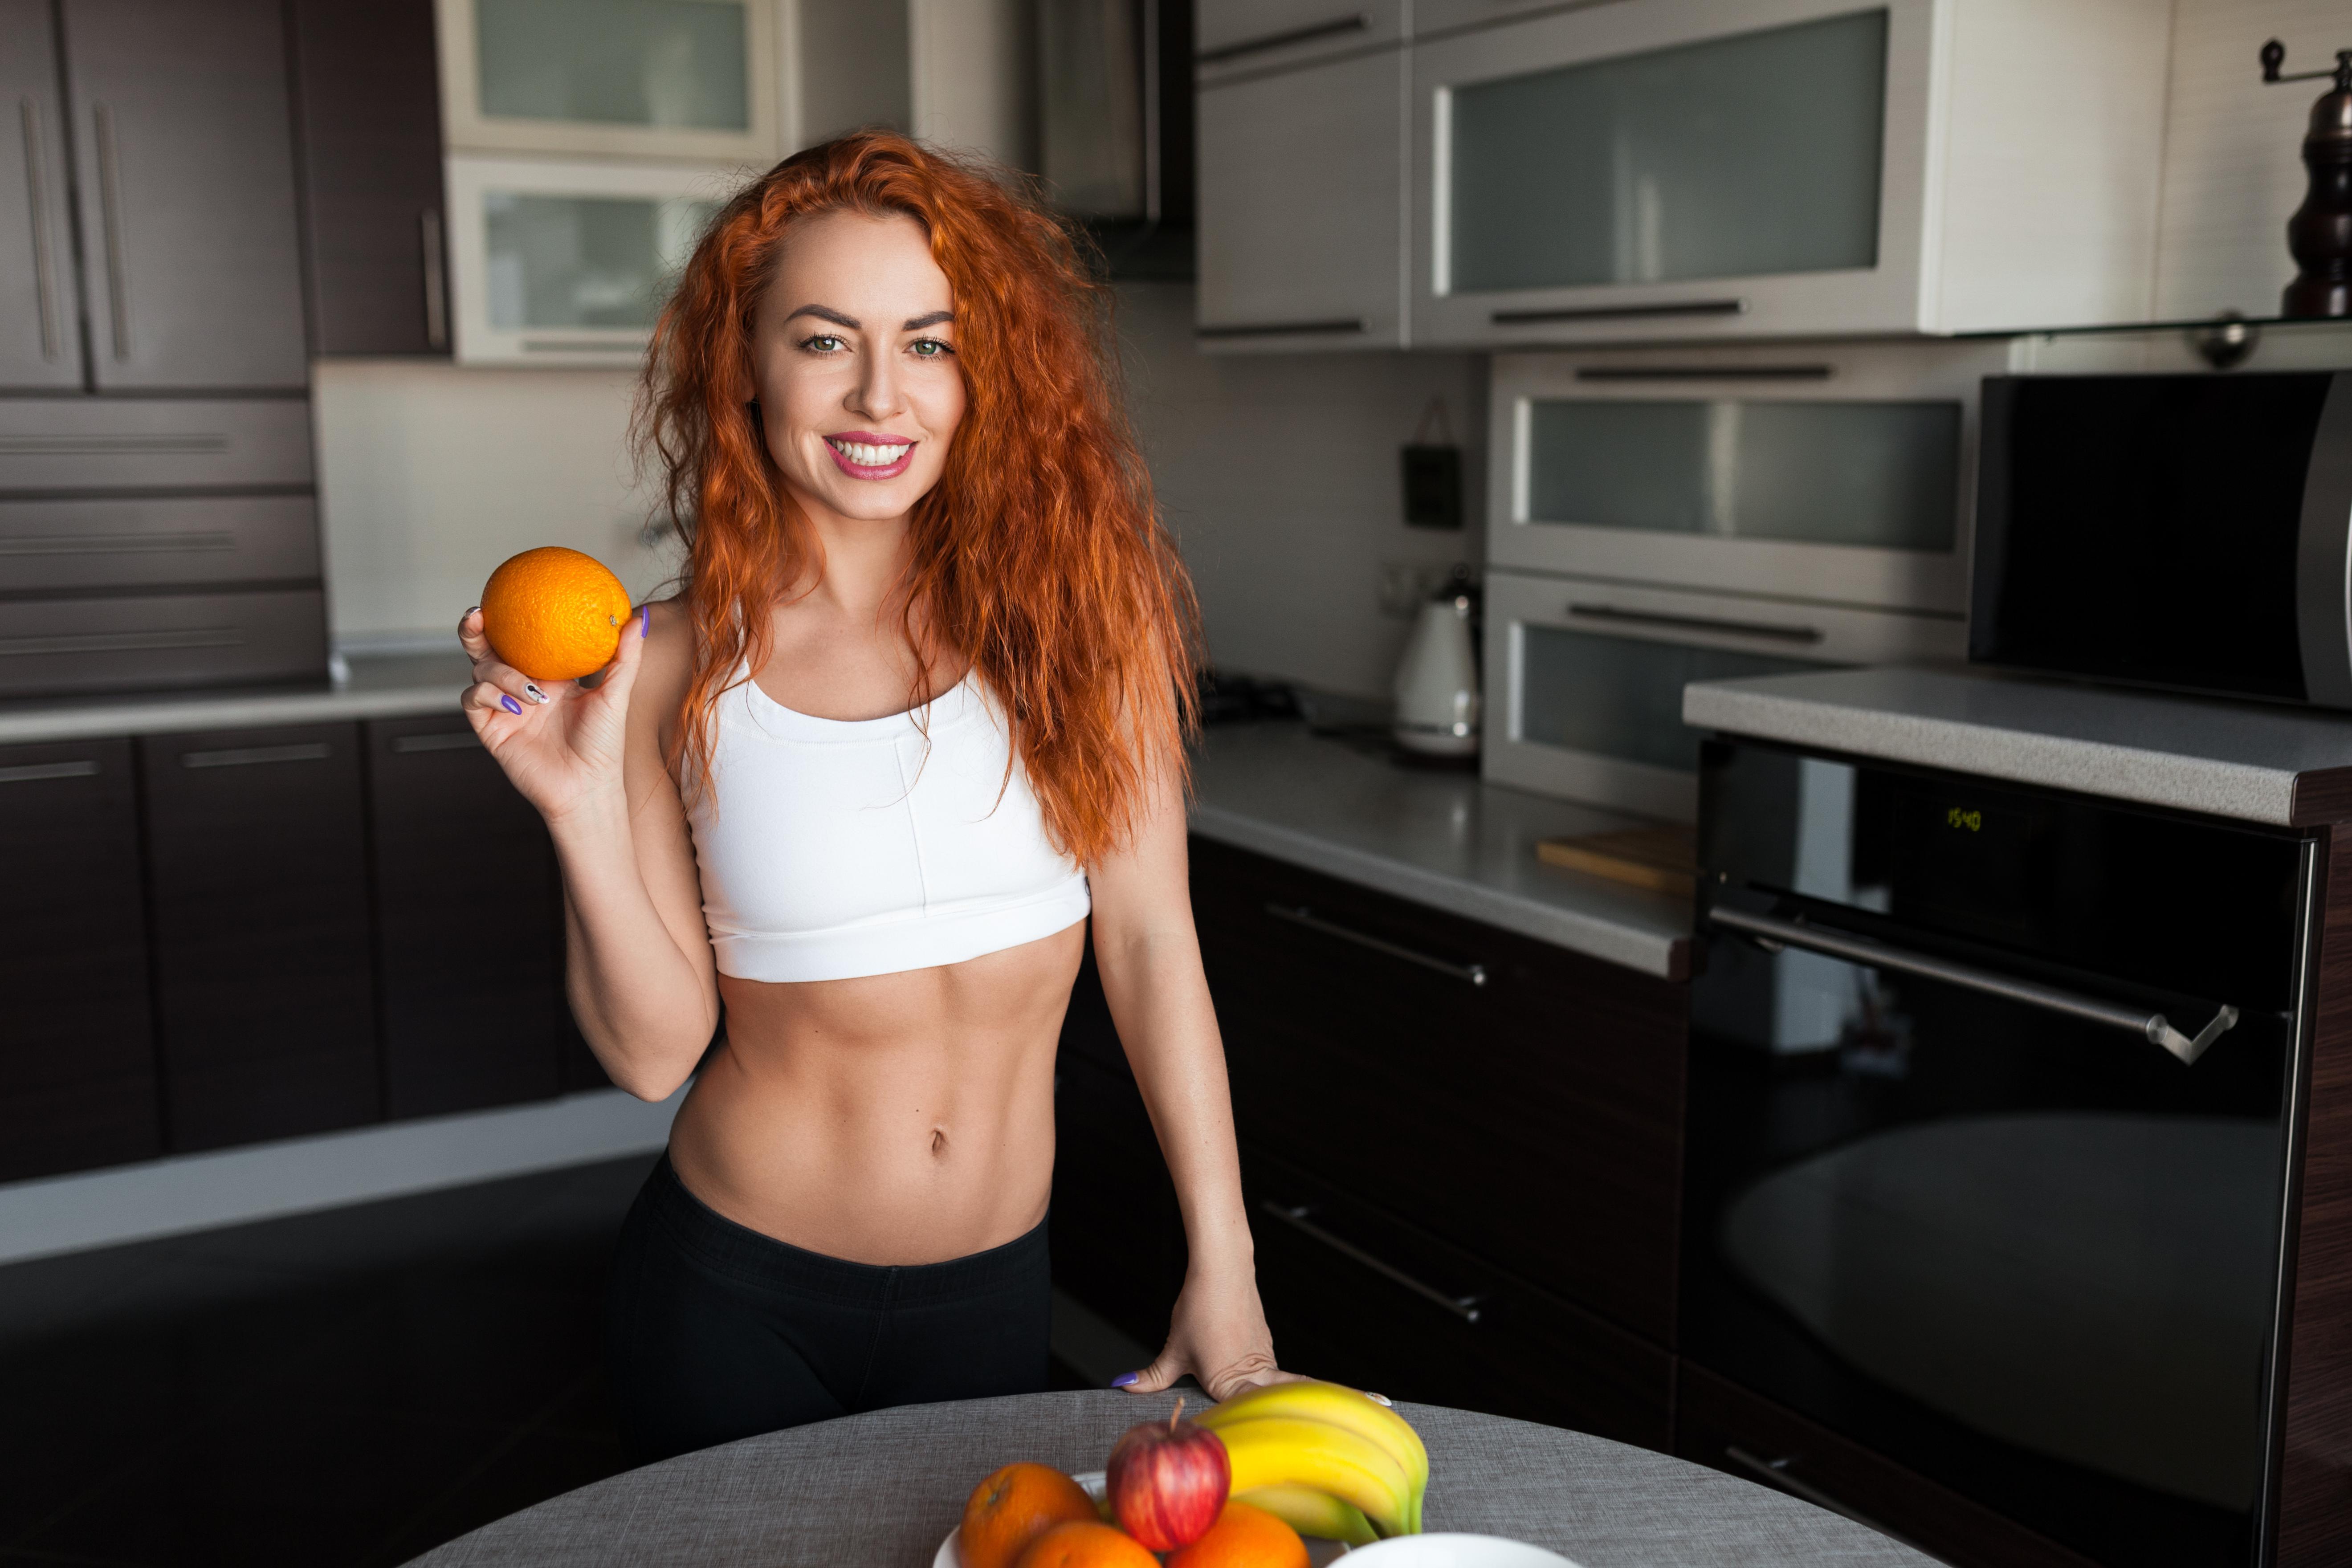 Що варто їсти перед тренуванням: поради від професіоналів з фітнесу